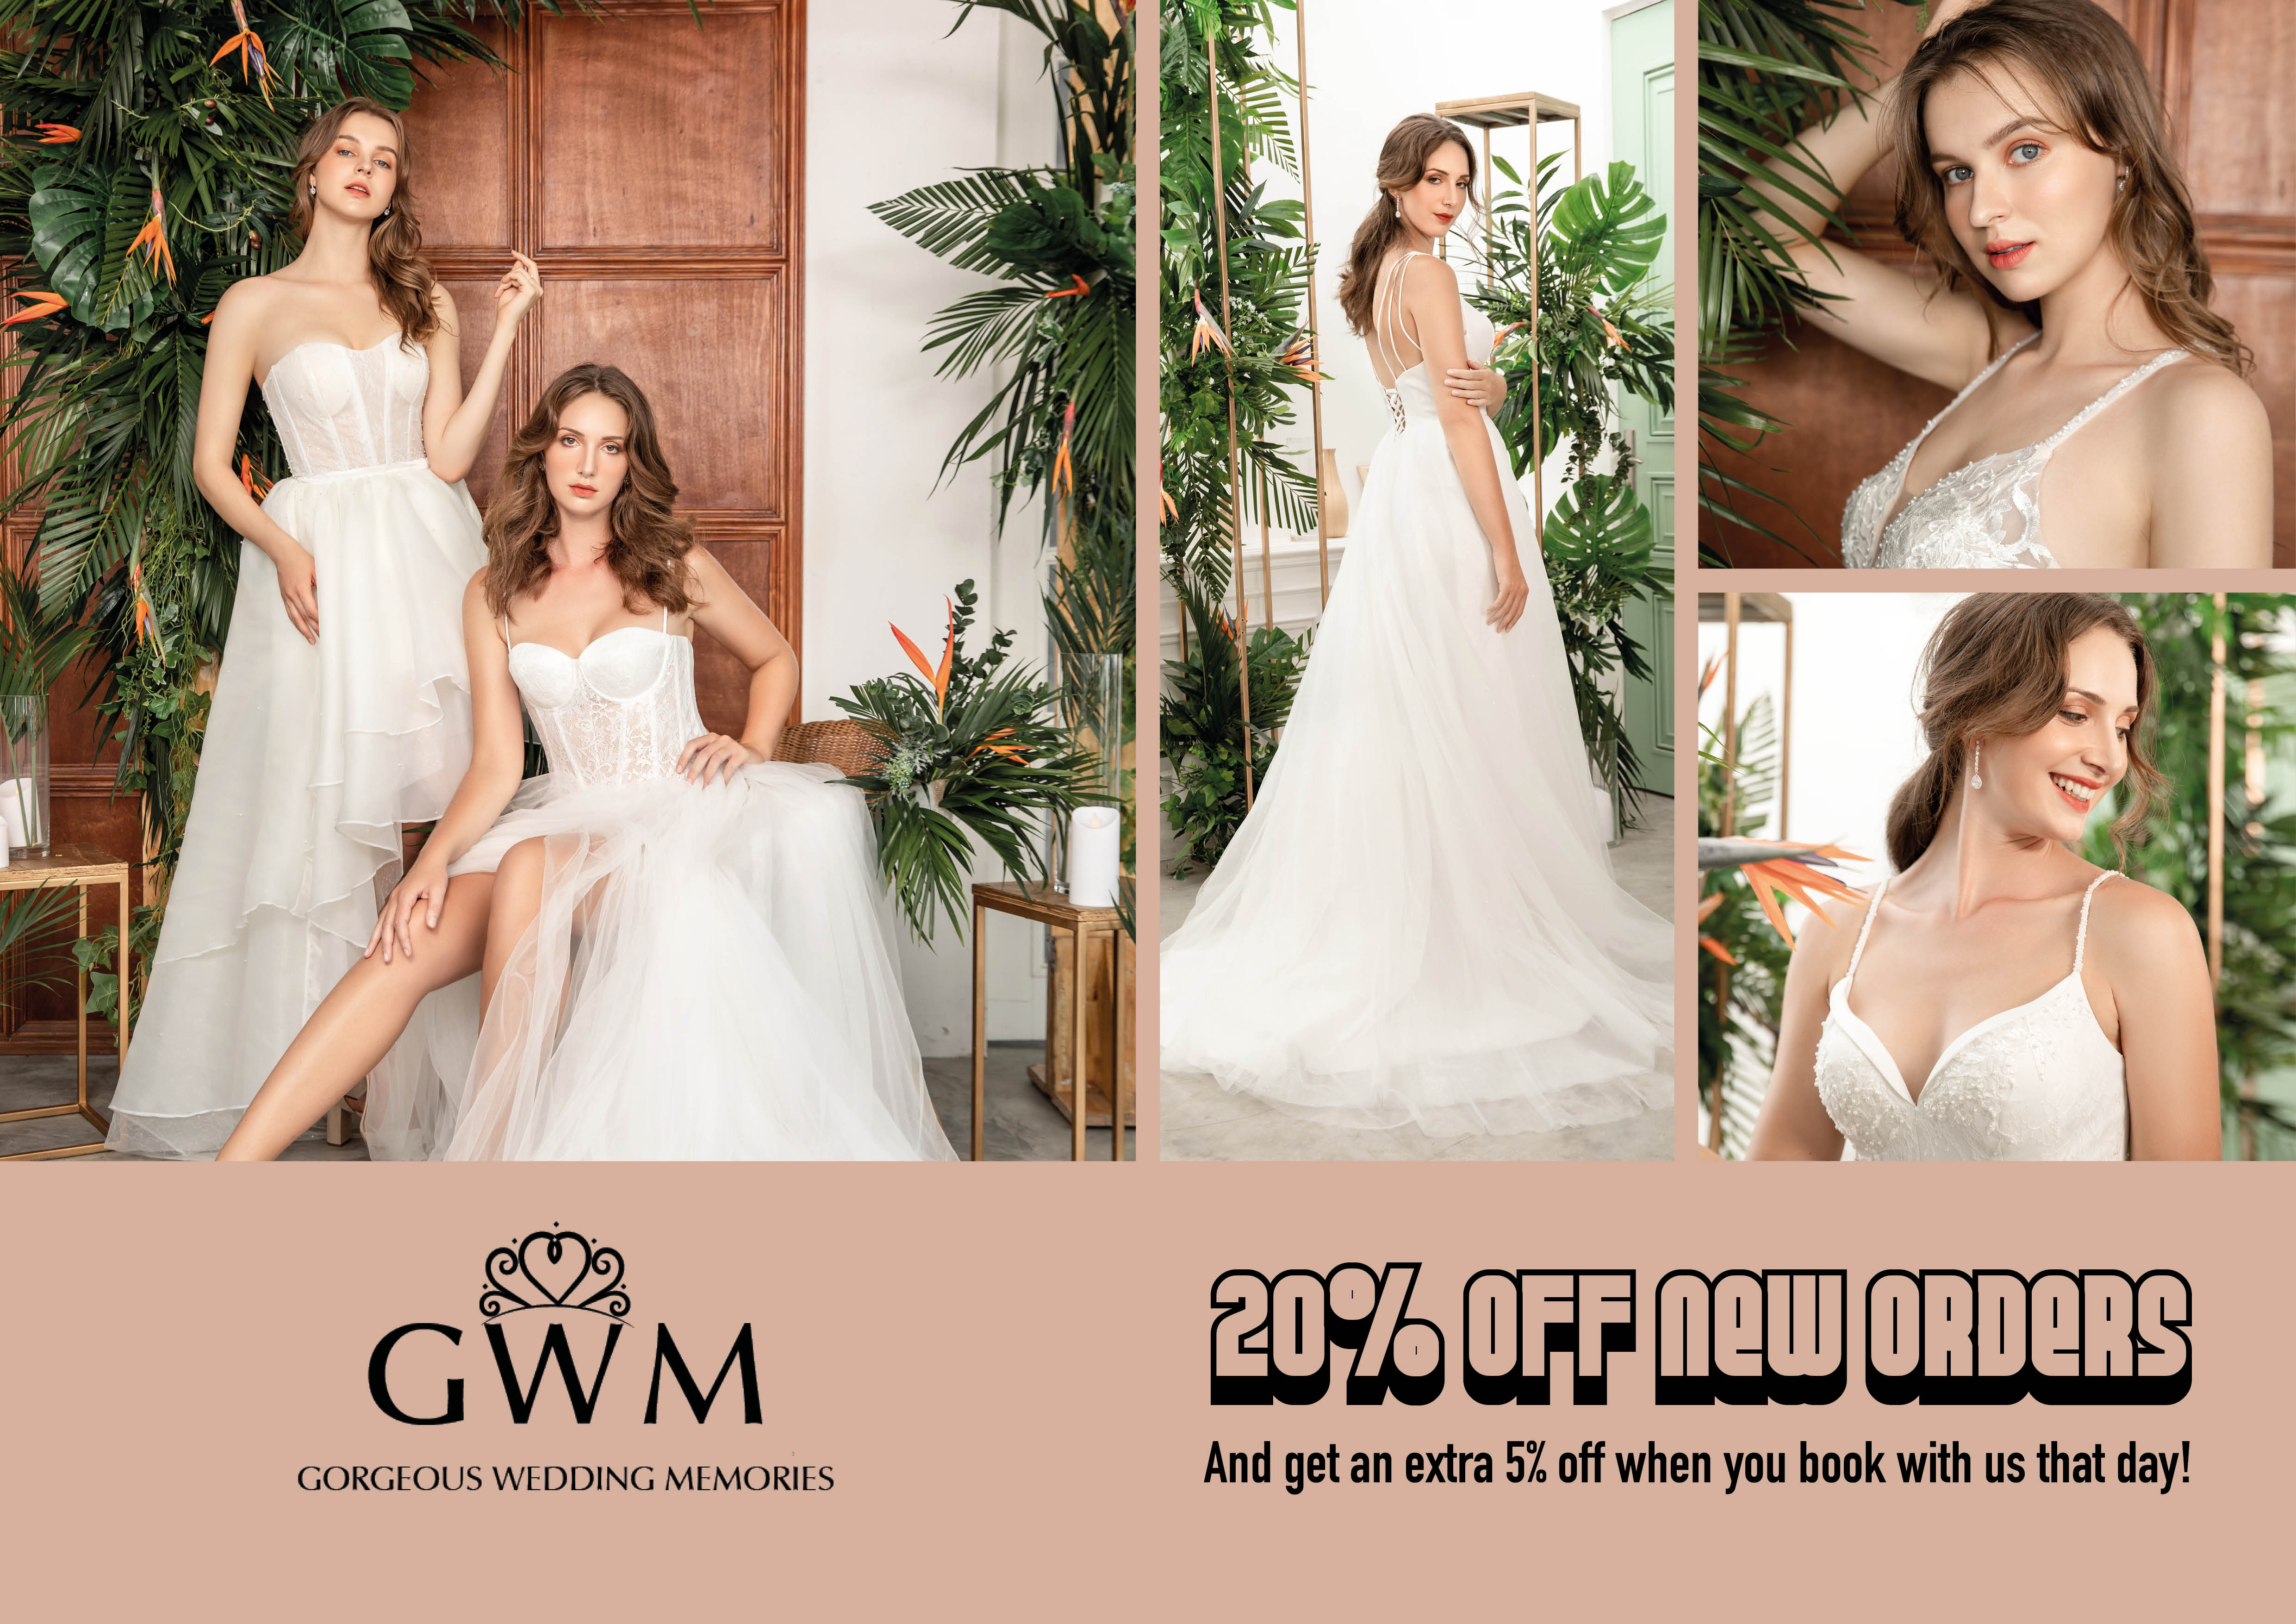 GWM Wedding Gowns